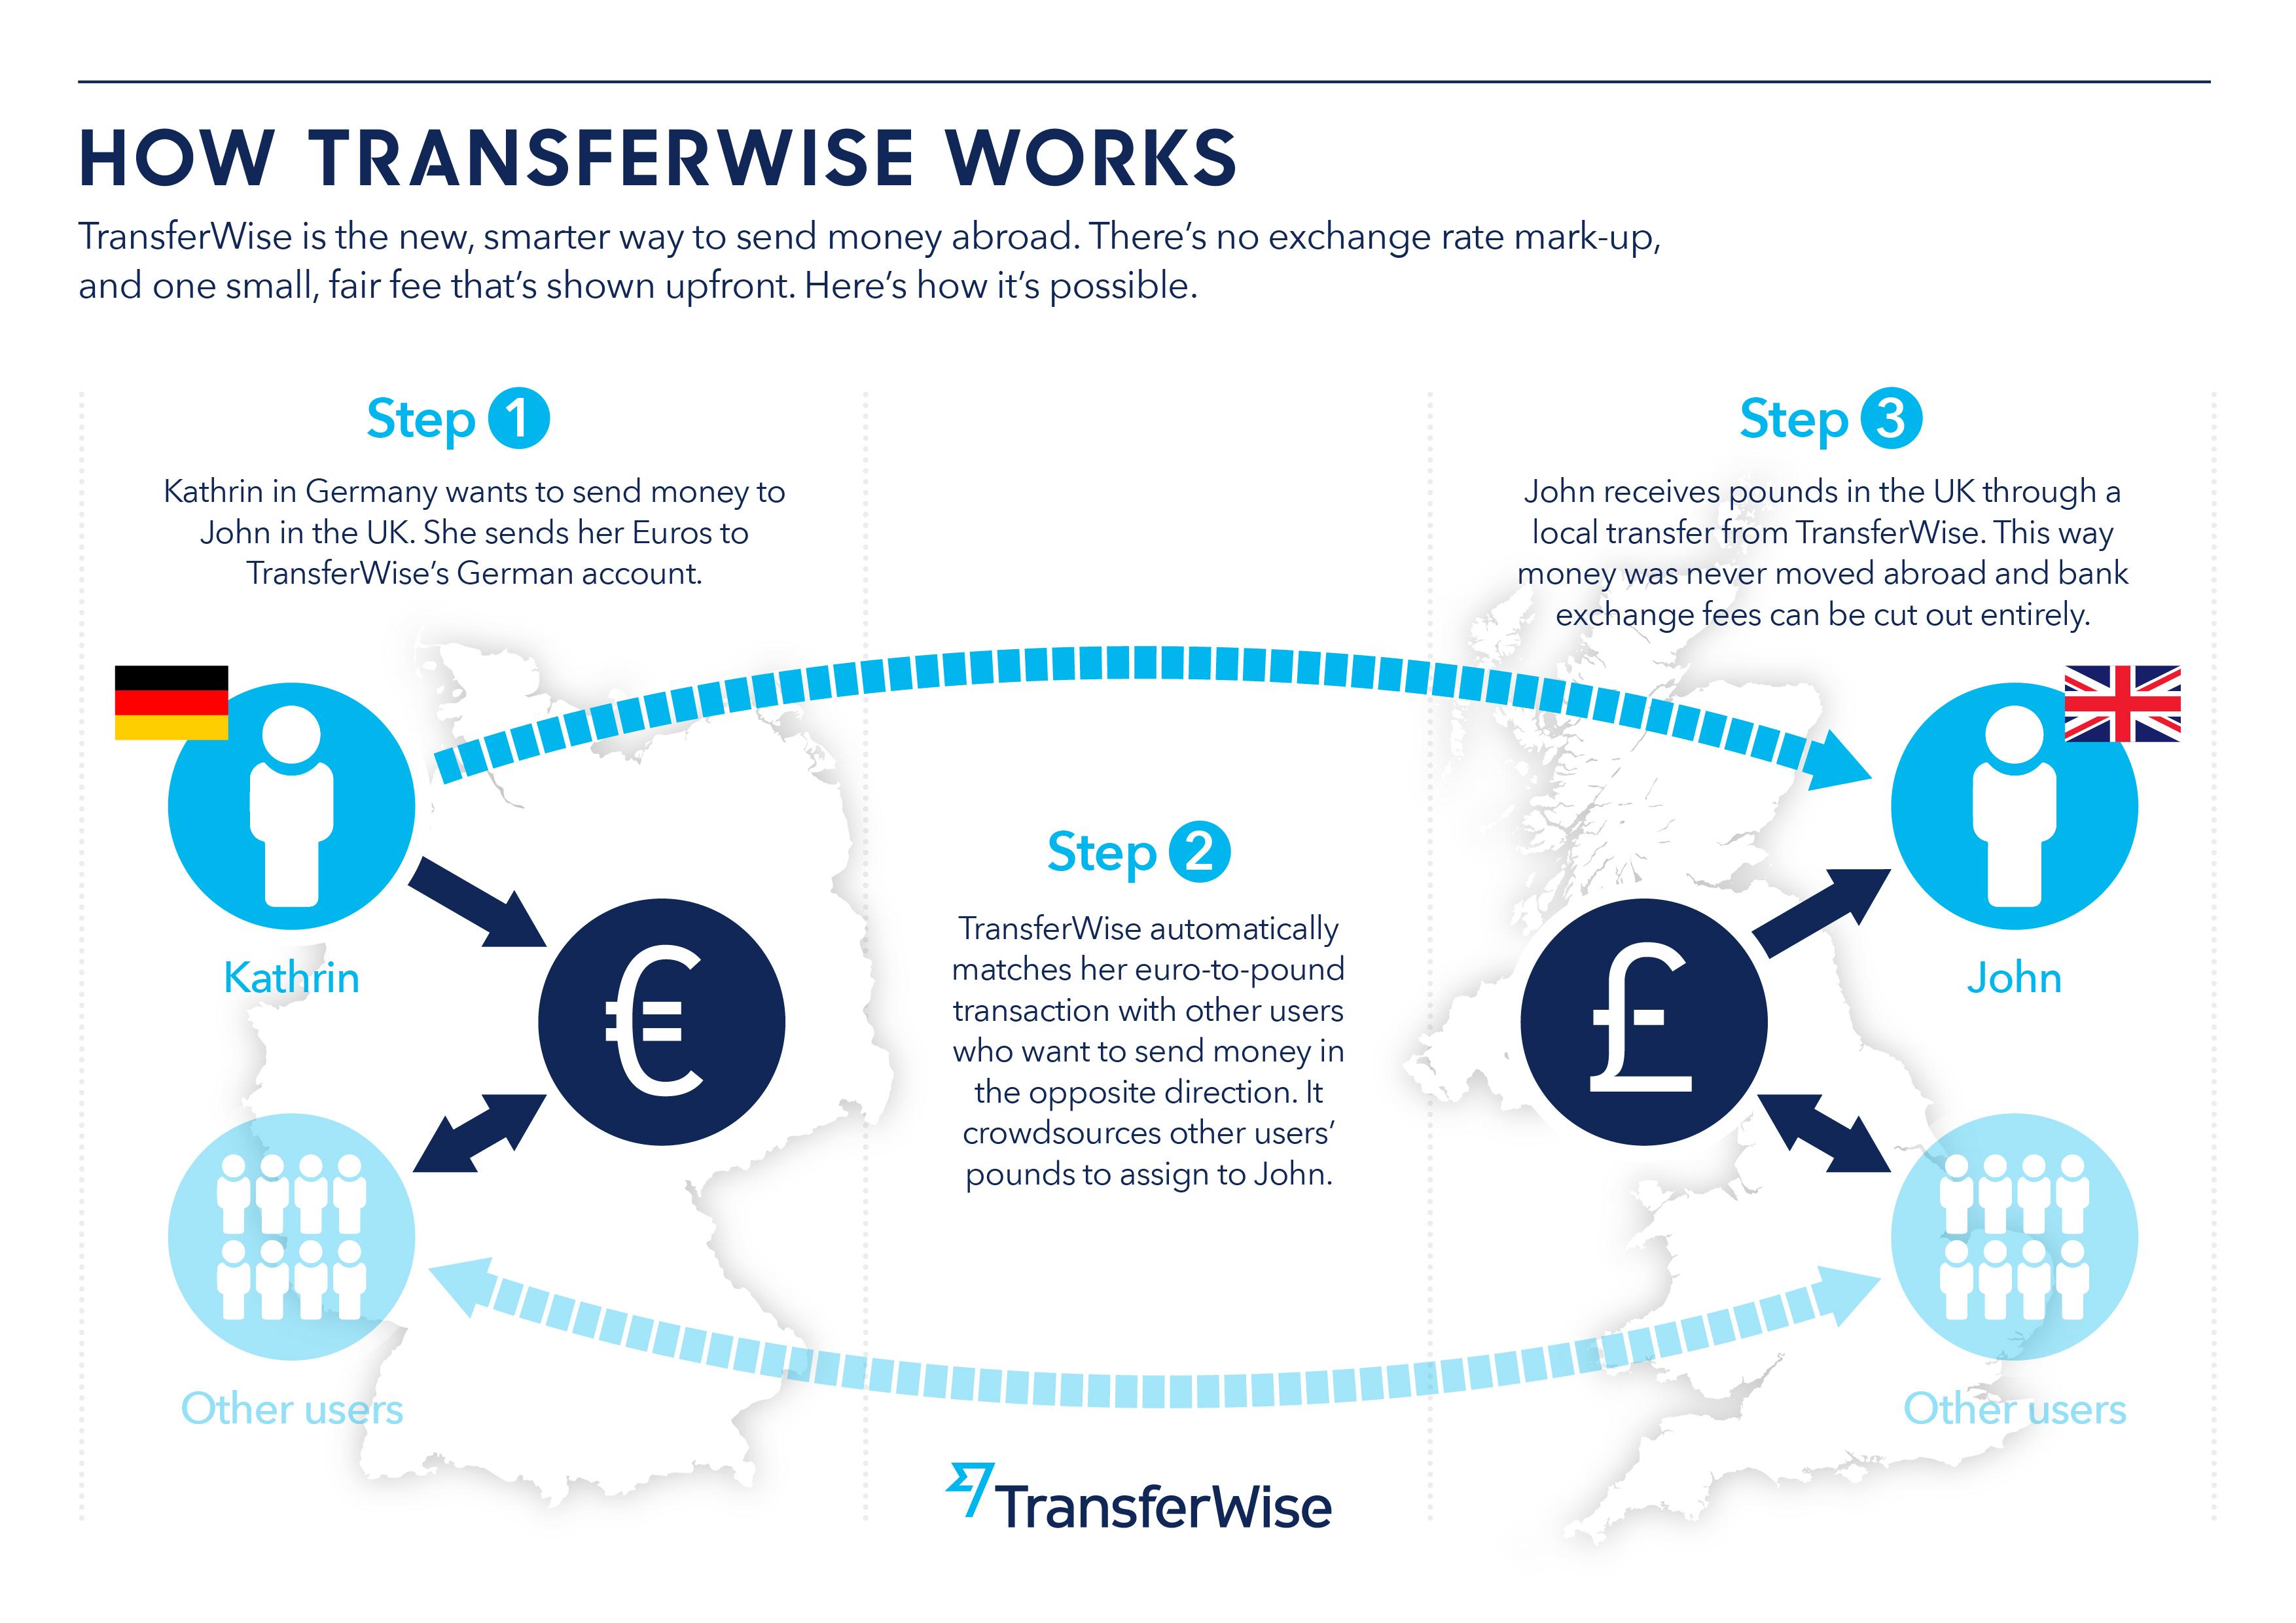 transferwise stredovy kurz